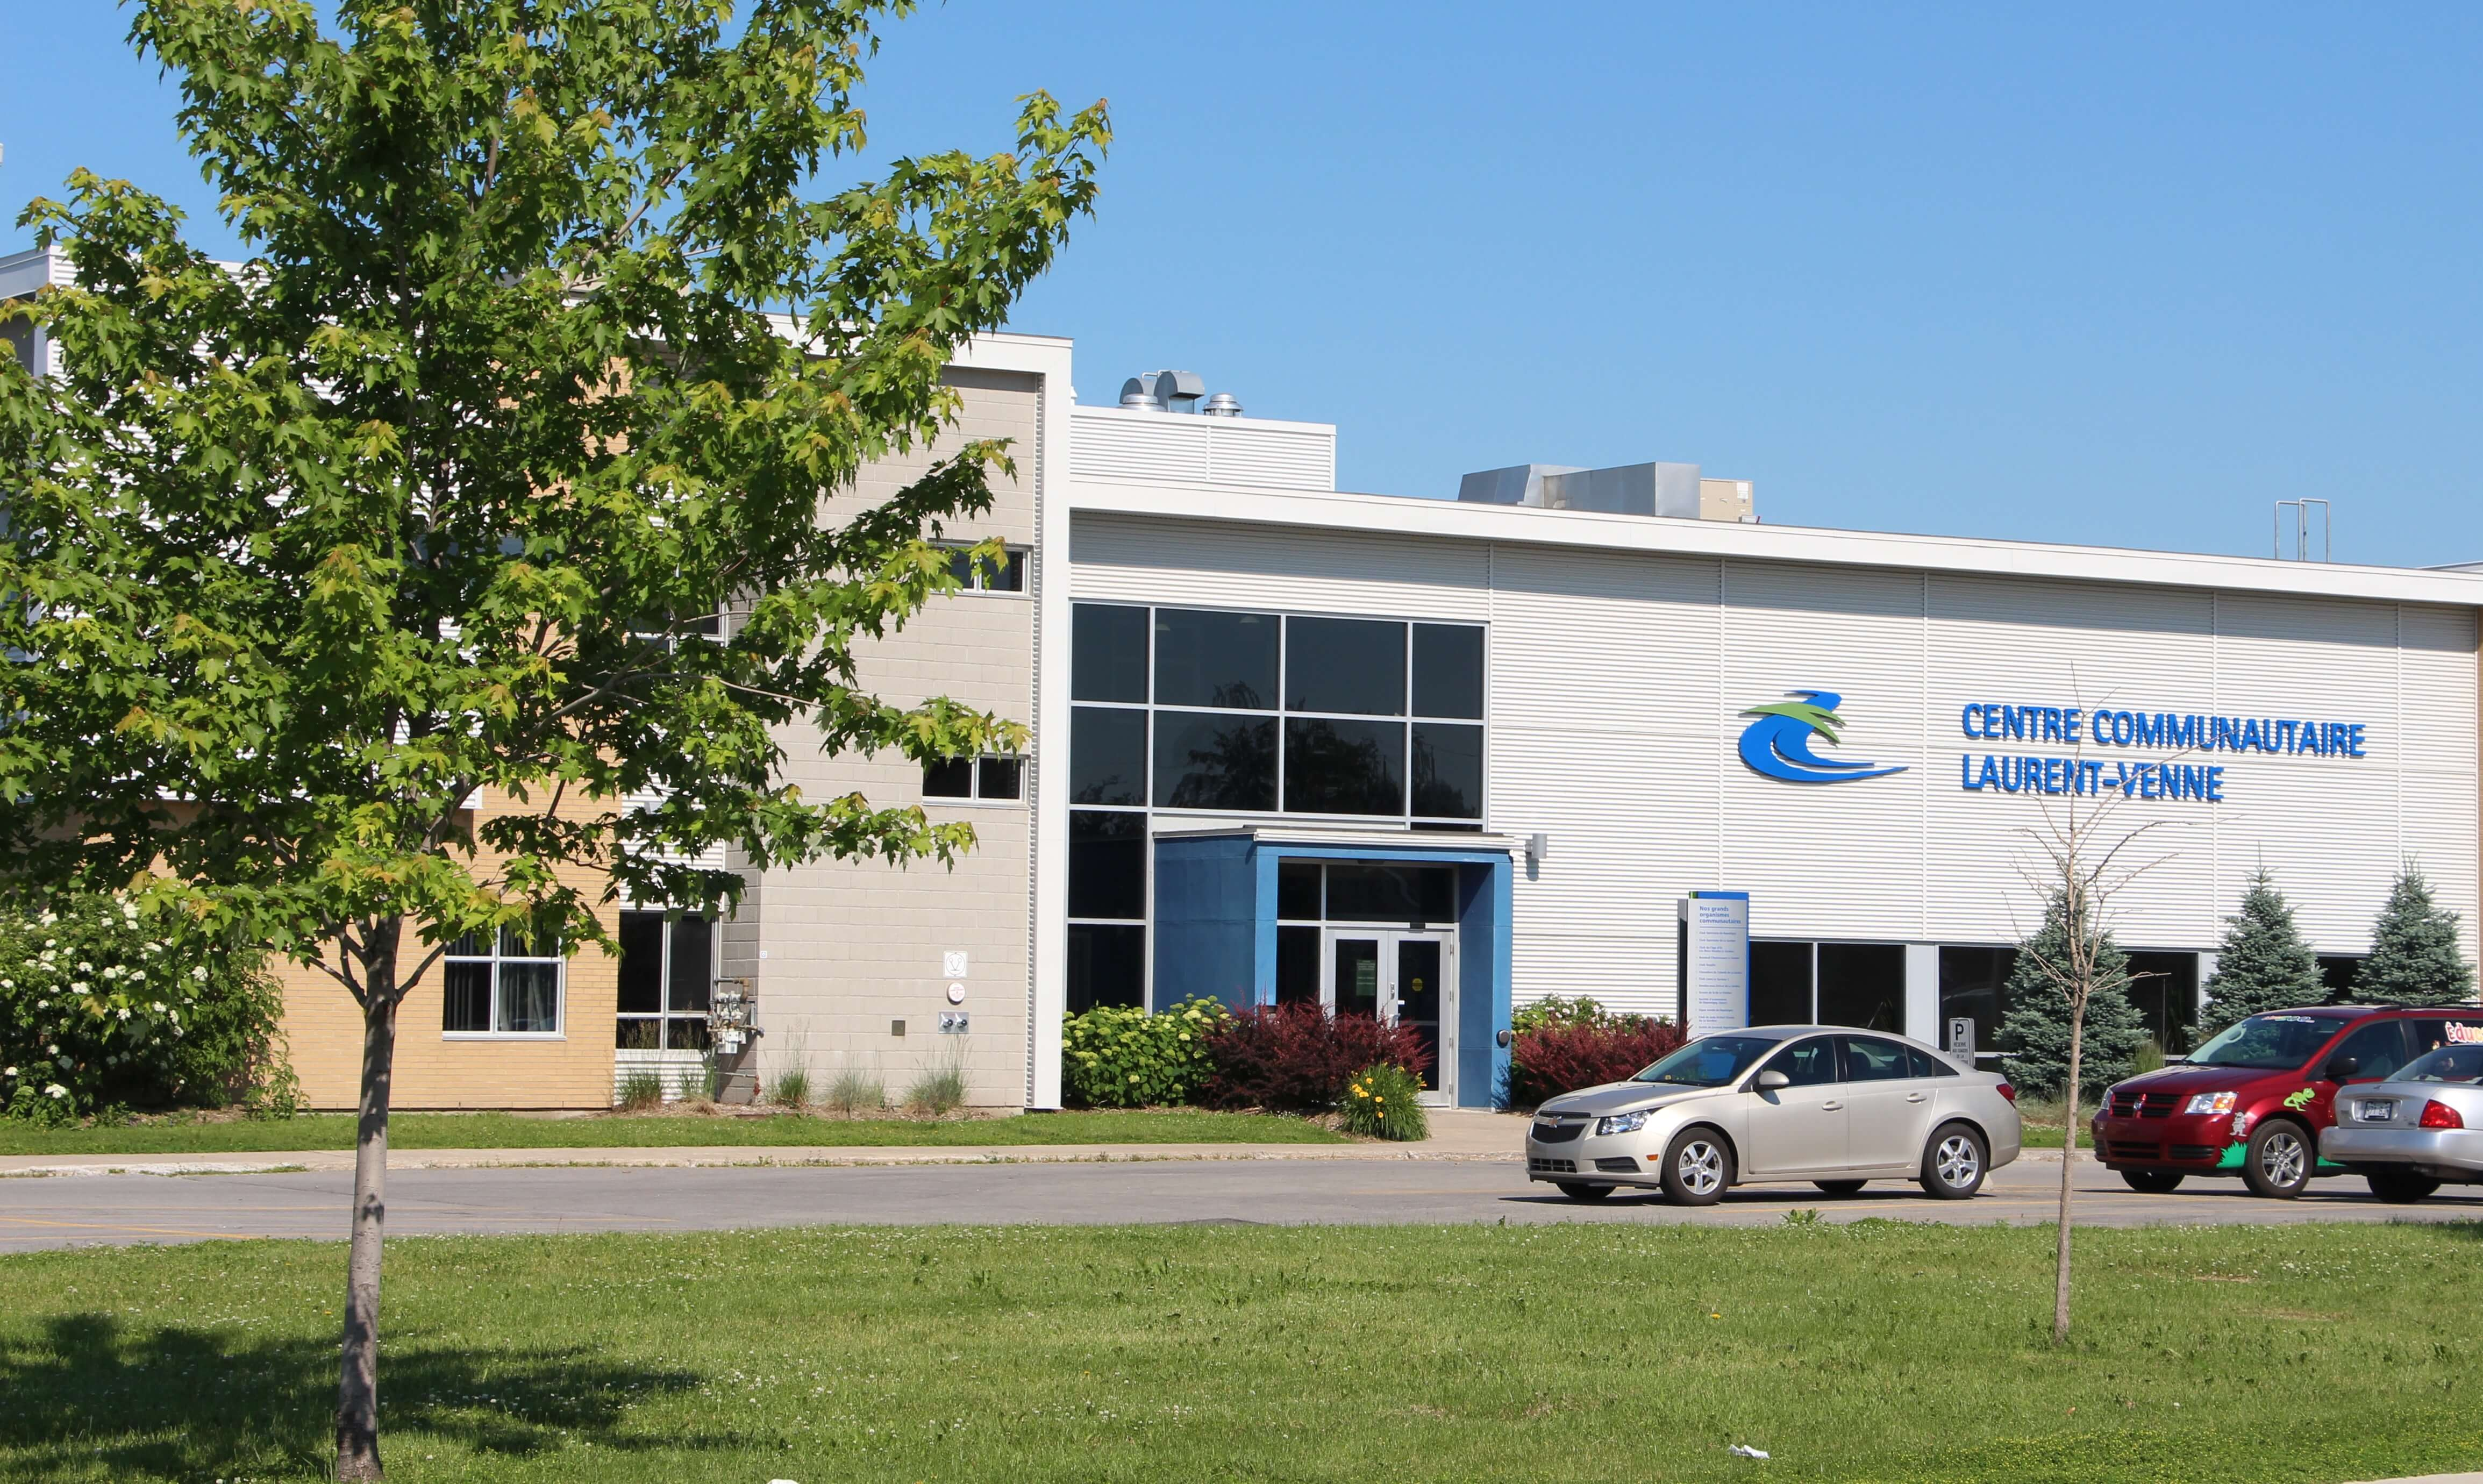 Centre communautaire Laurent-Venne